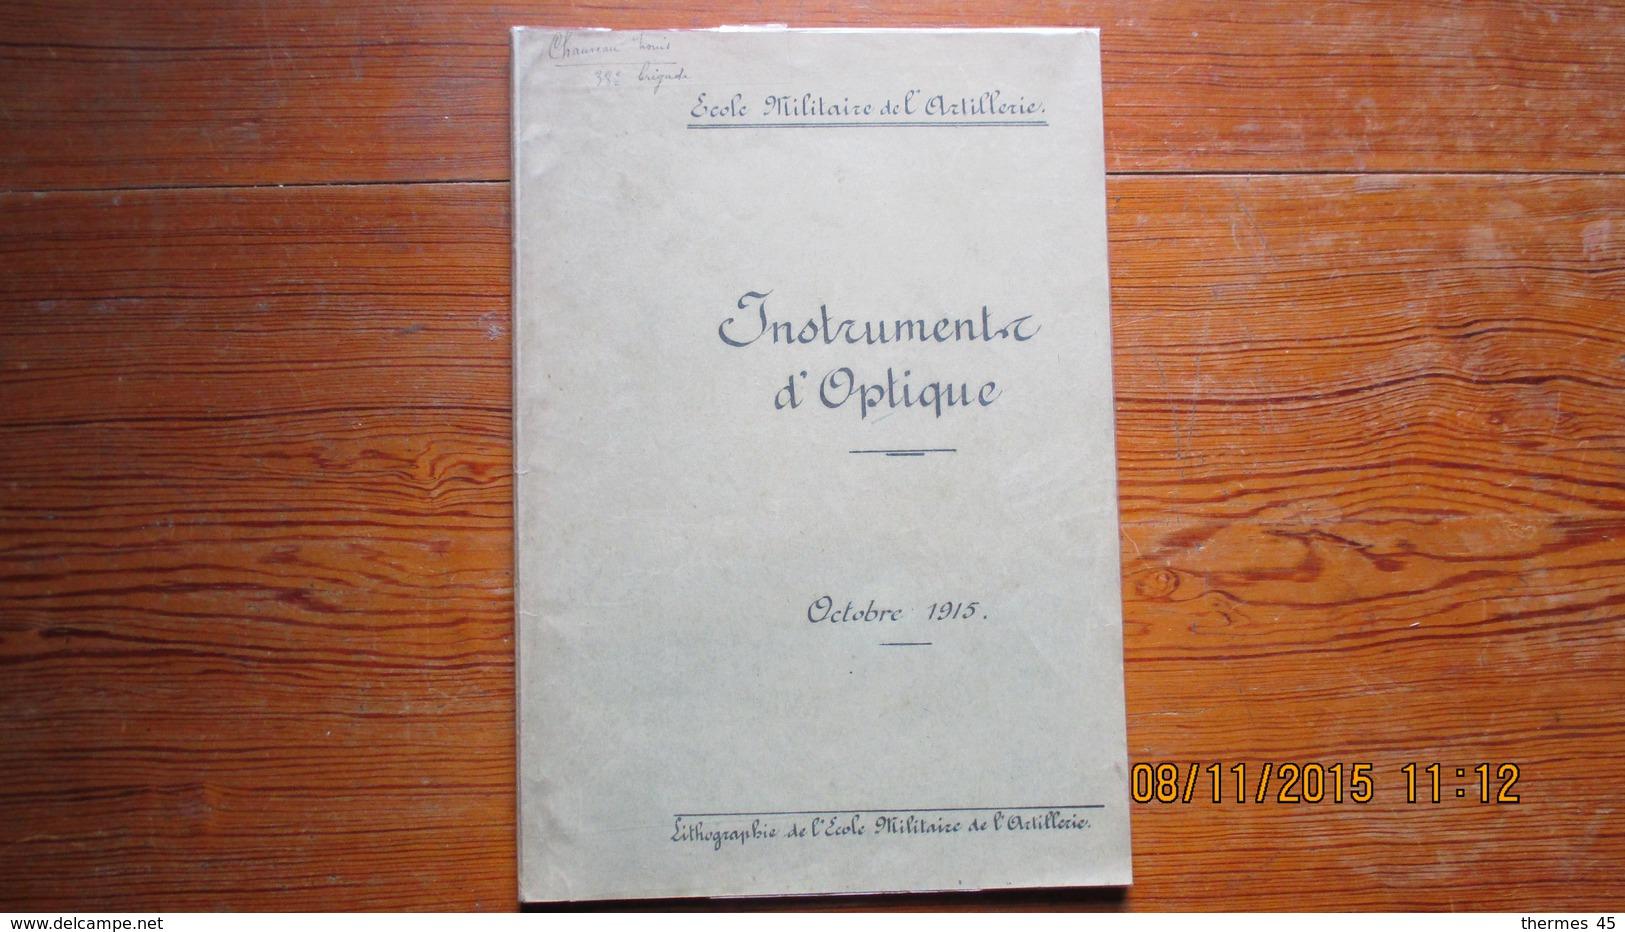 INSTRUMENTS D'OPTIQUE / COURS/ 1915 / ECOLE MILITAIRE DE L'ARTILLERIE - Sciences